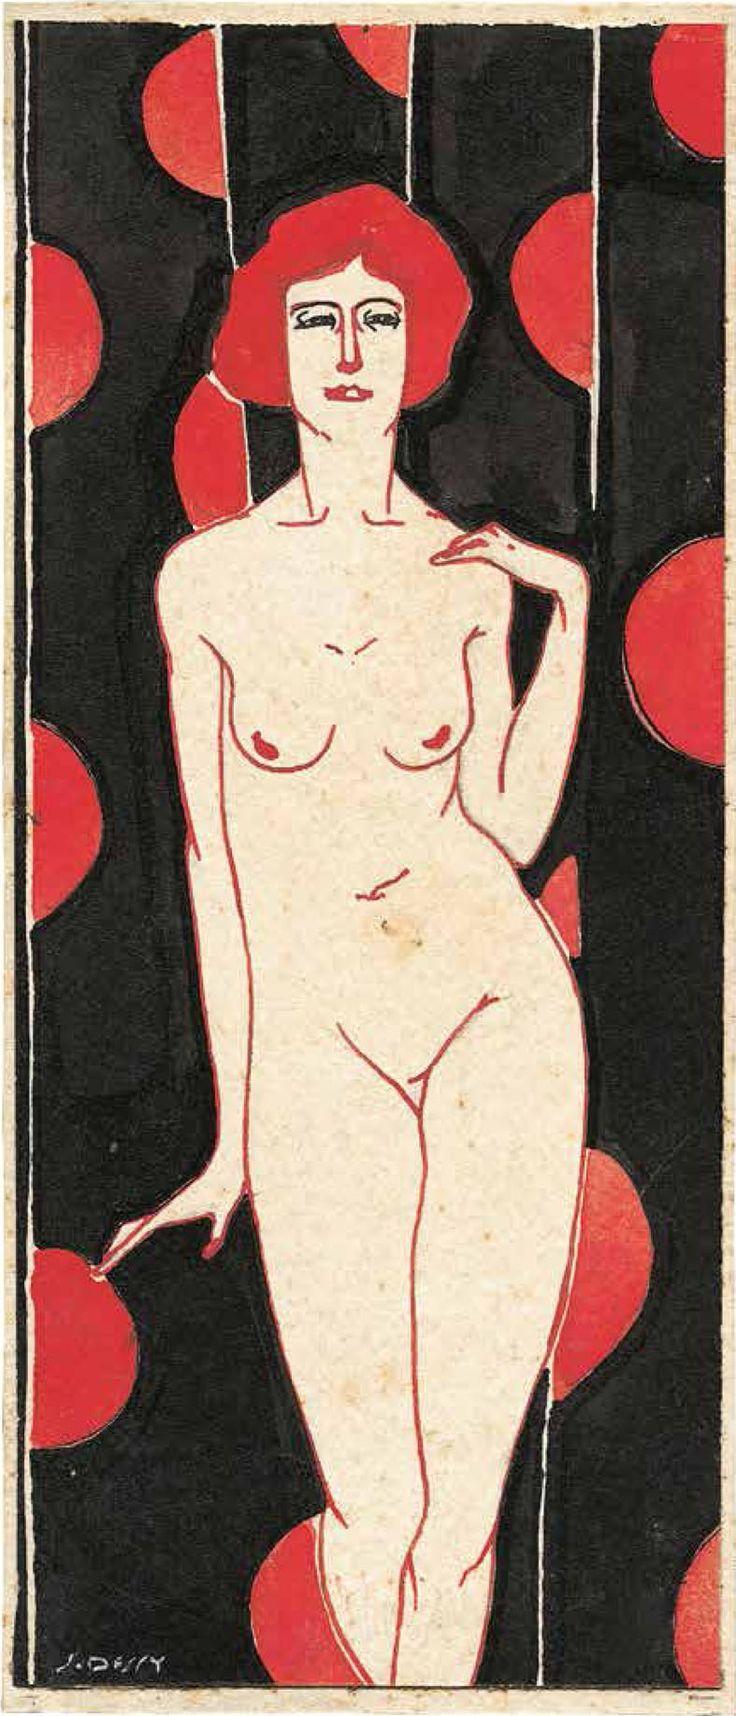 Stanis Dessy, Ada, olio su tela, 1927